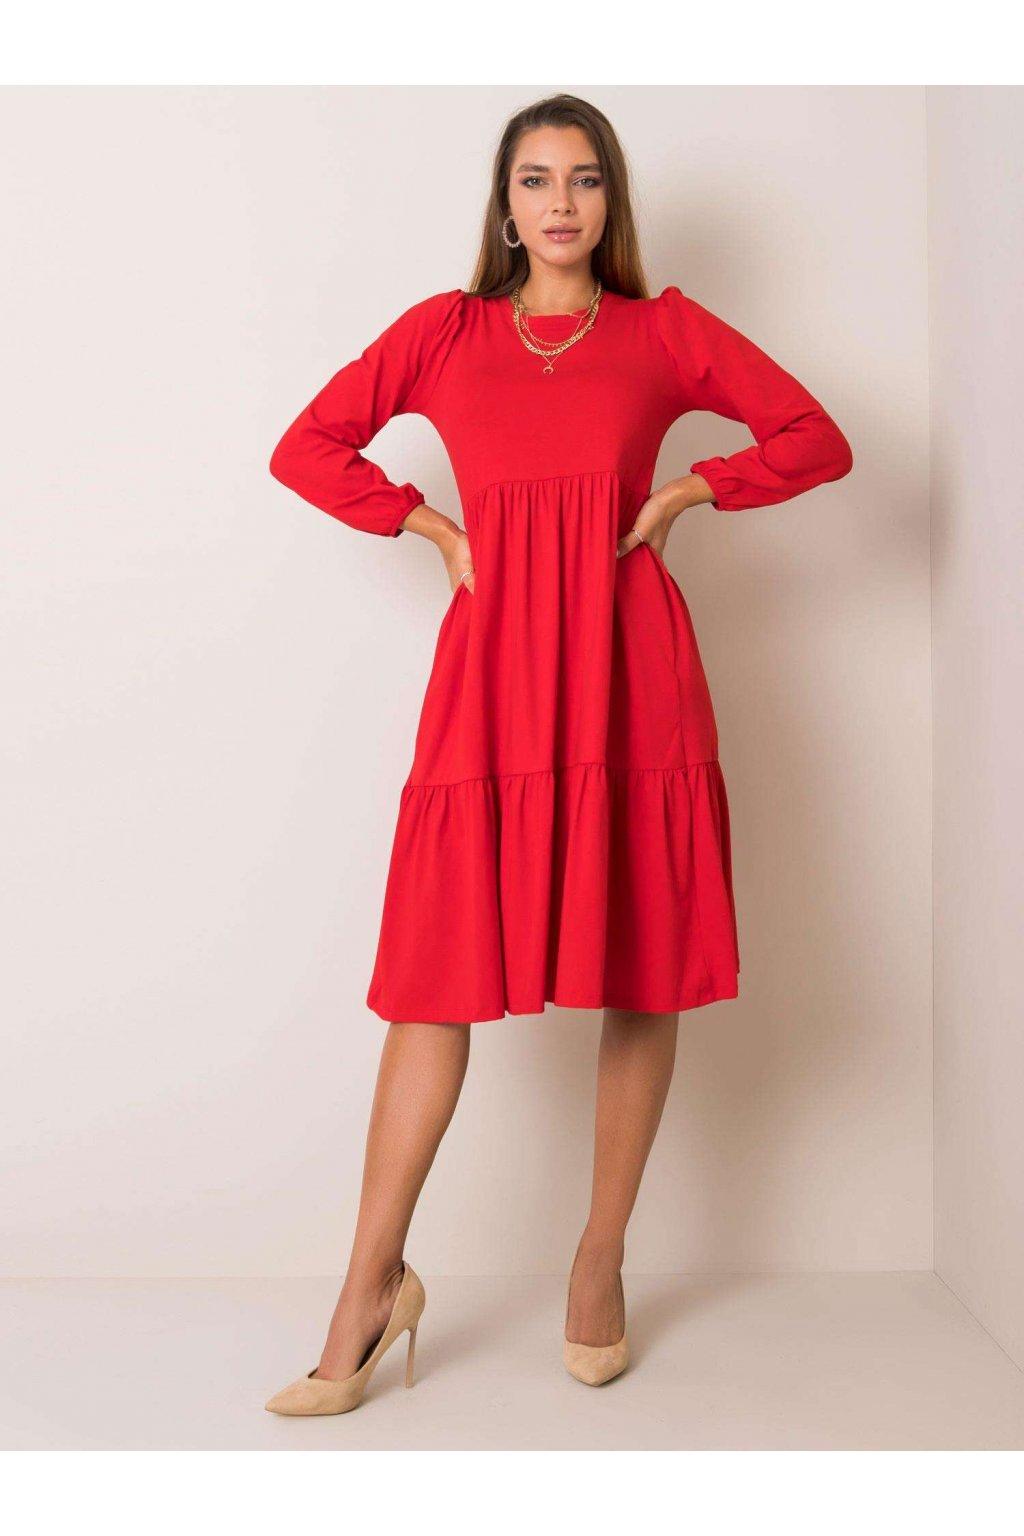 pol pl Czerwona sukienka Yonne RUE PARIS 354178 2